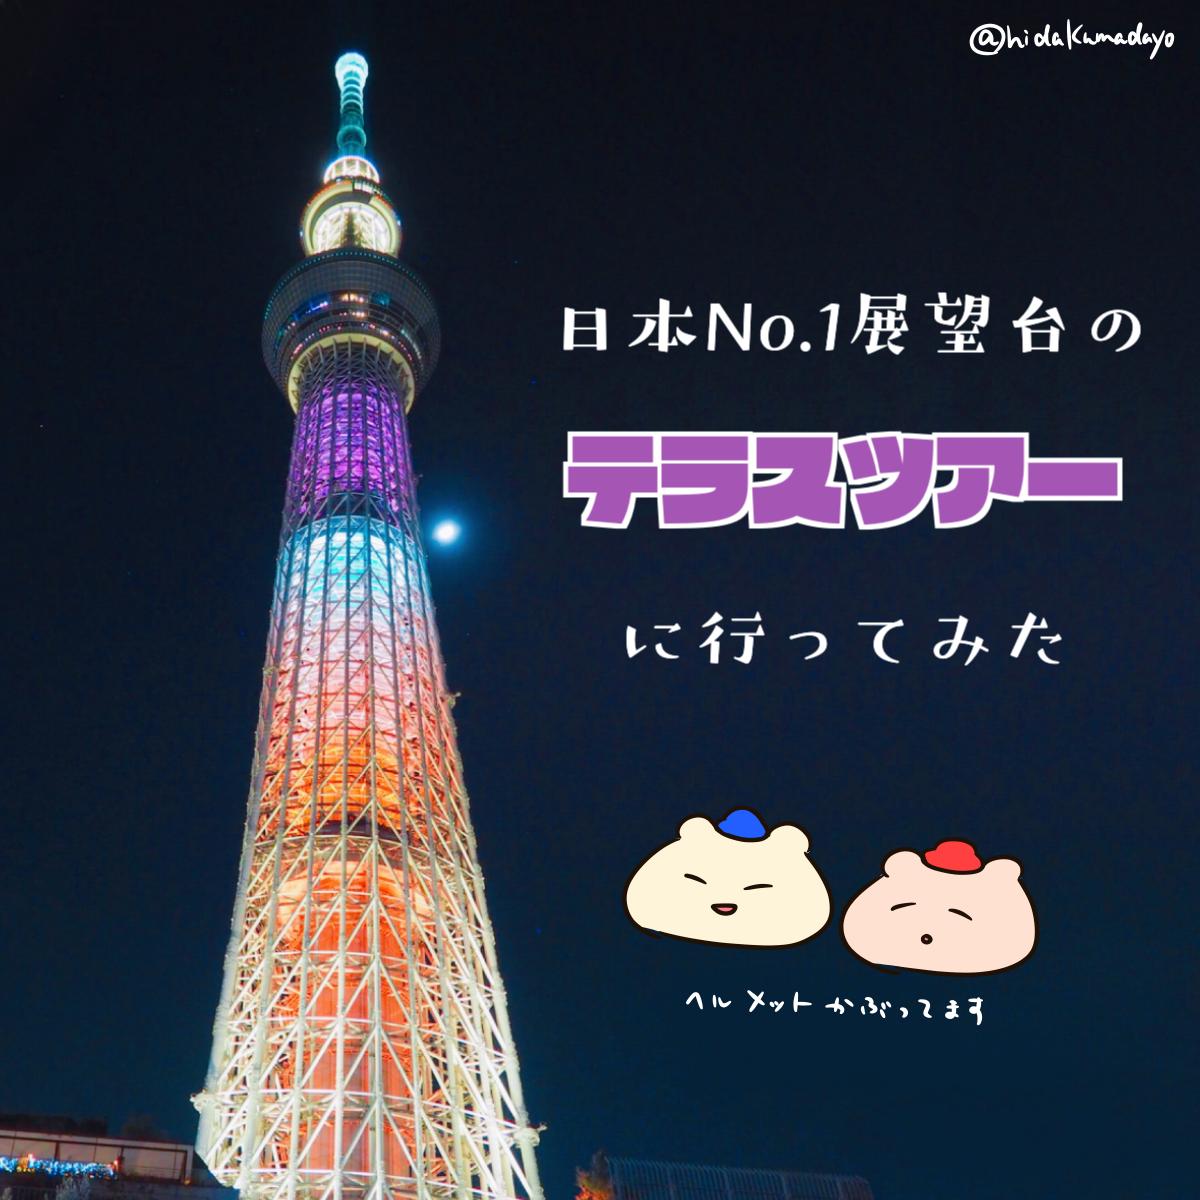 f:id:hidakumadayo:20190412202458p:plain